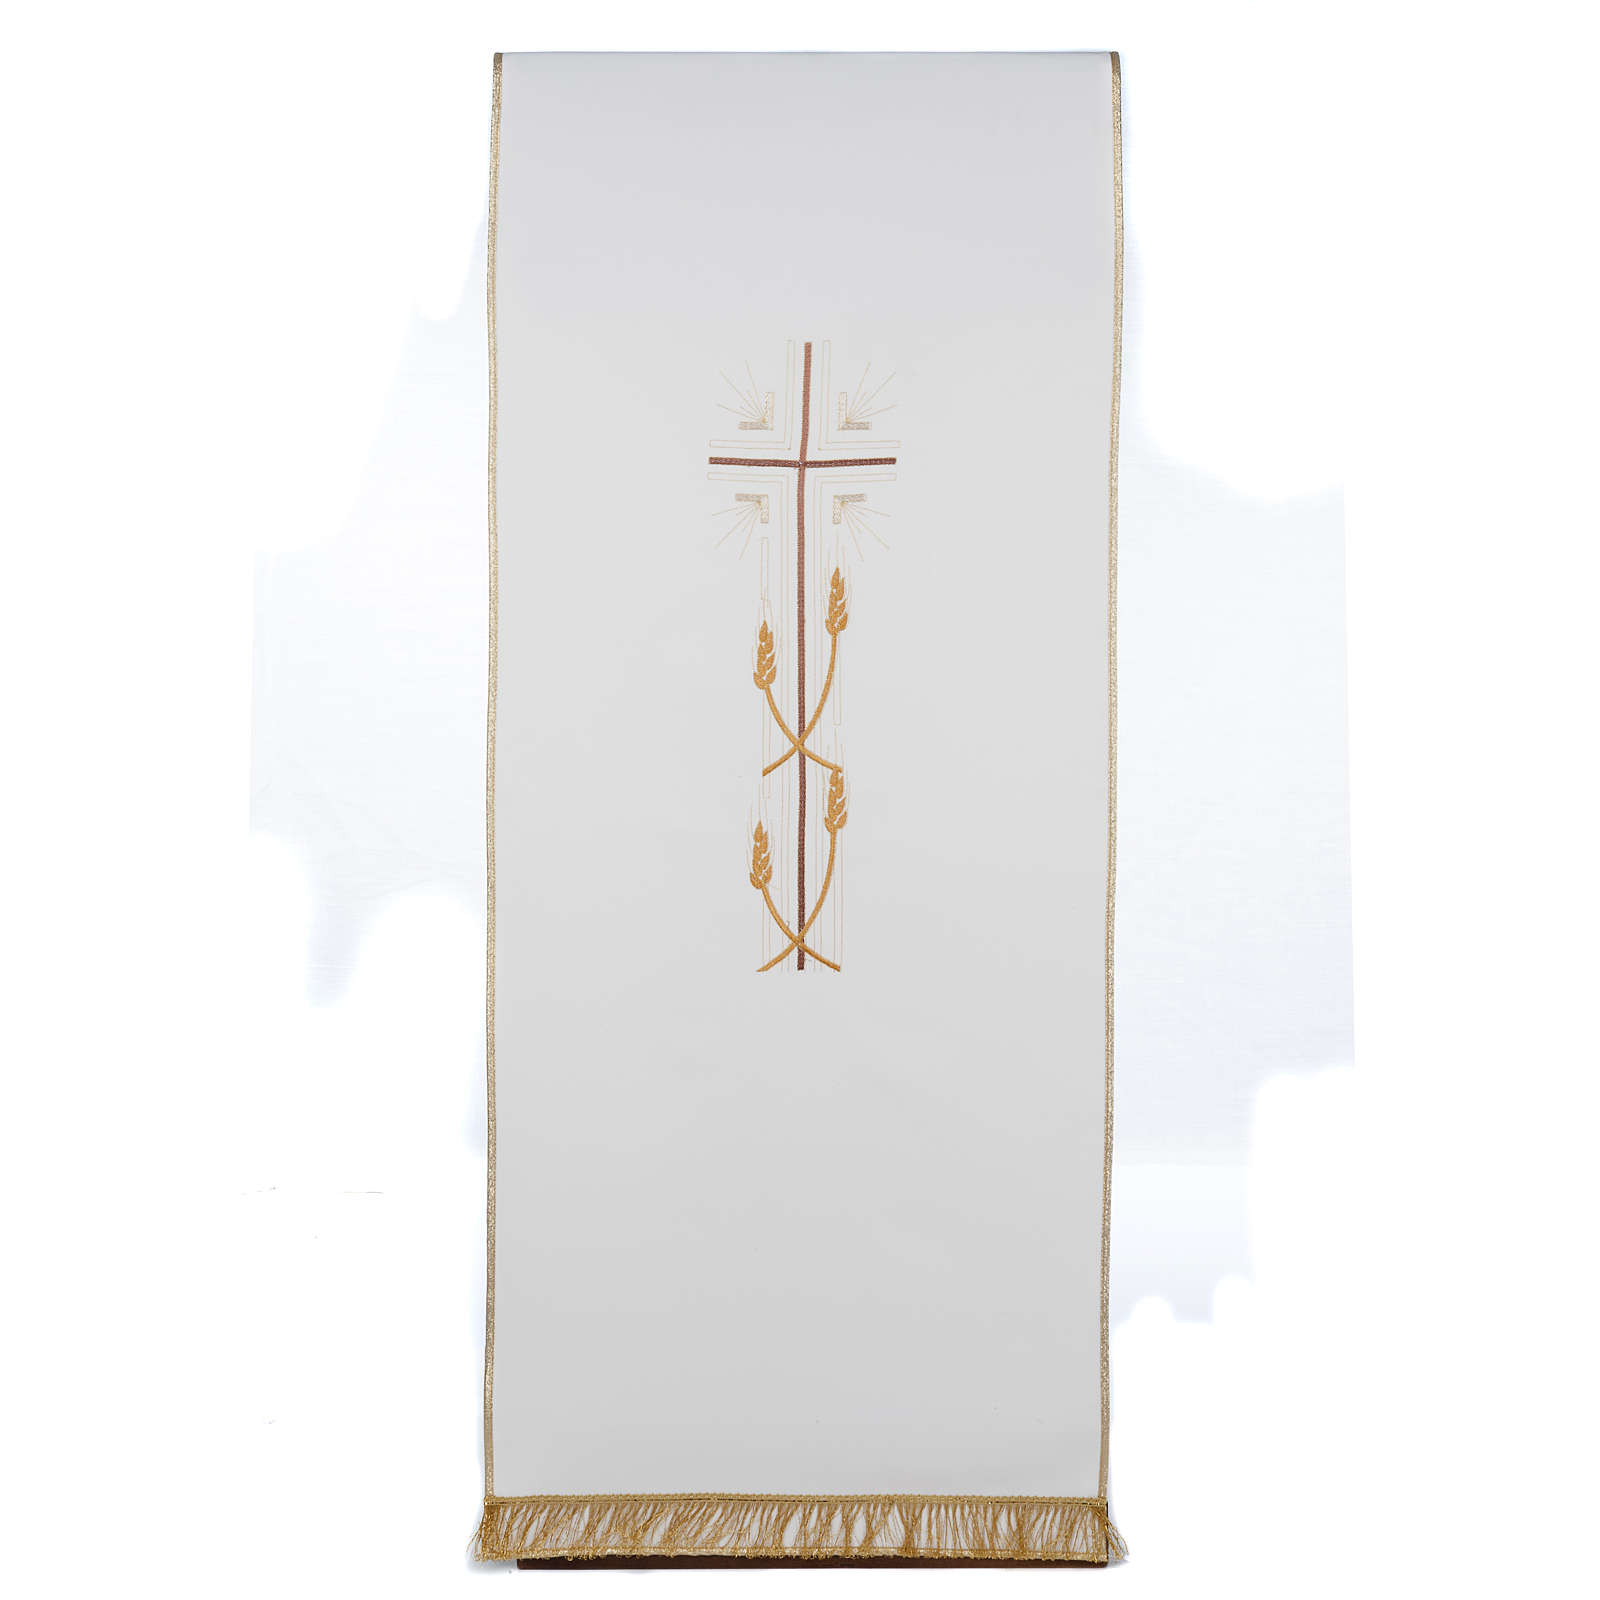 Coprileggio croce sottile spighe vari colori 4